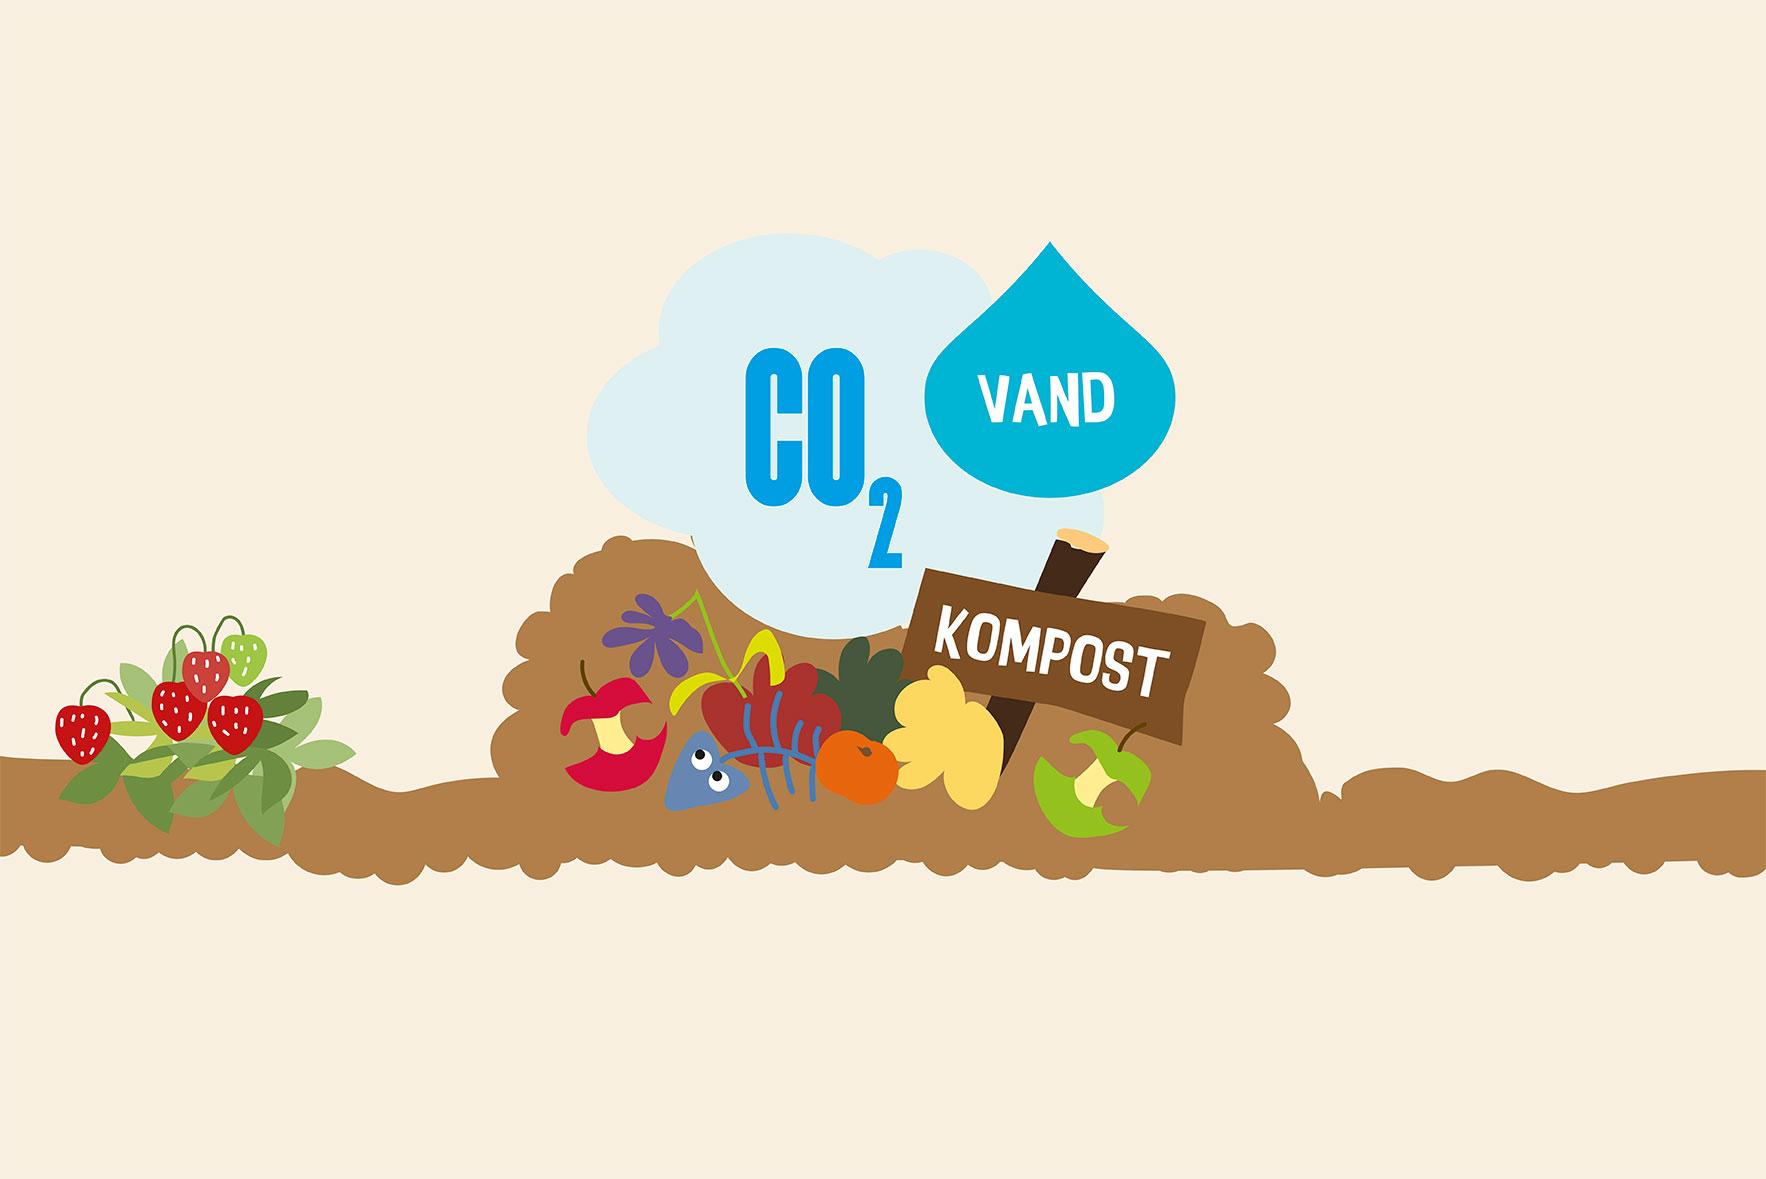 Harmful Kompost dispenser